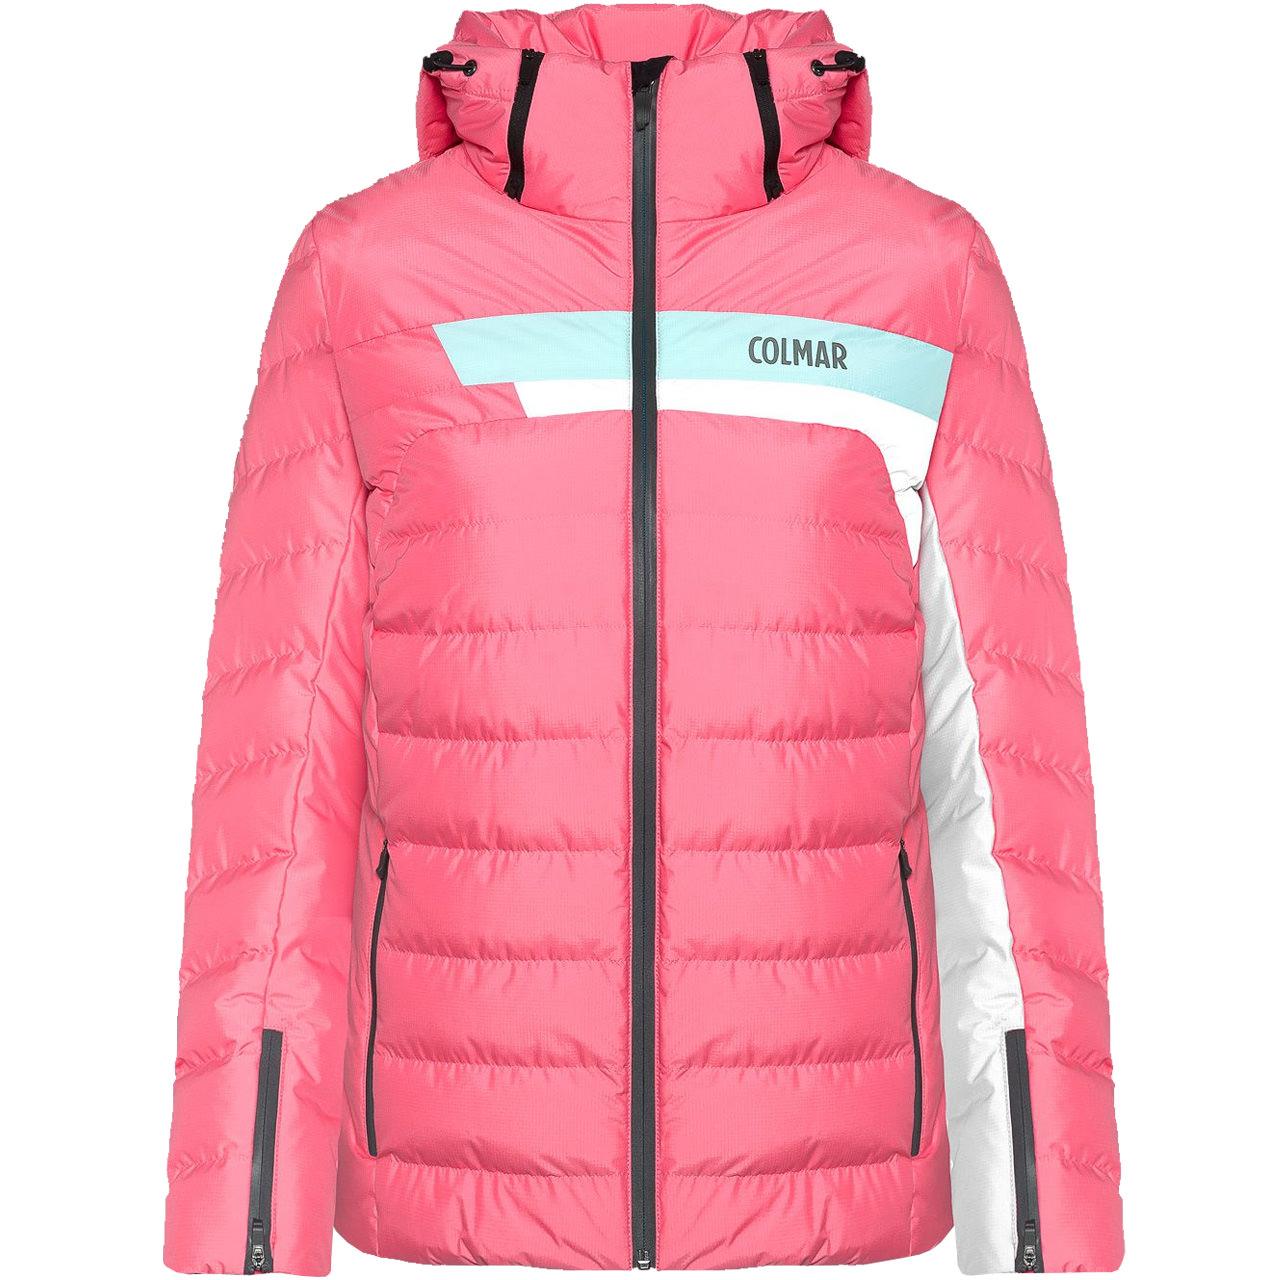 Bekleidung COLMAR Jacken, Mäntel & Westen Montana Damen Skijacke